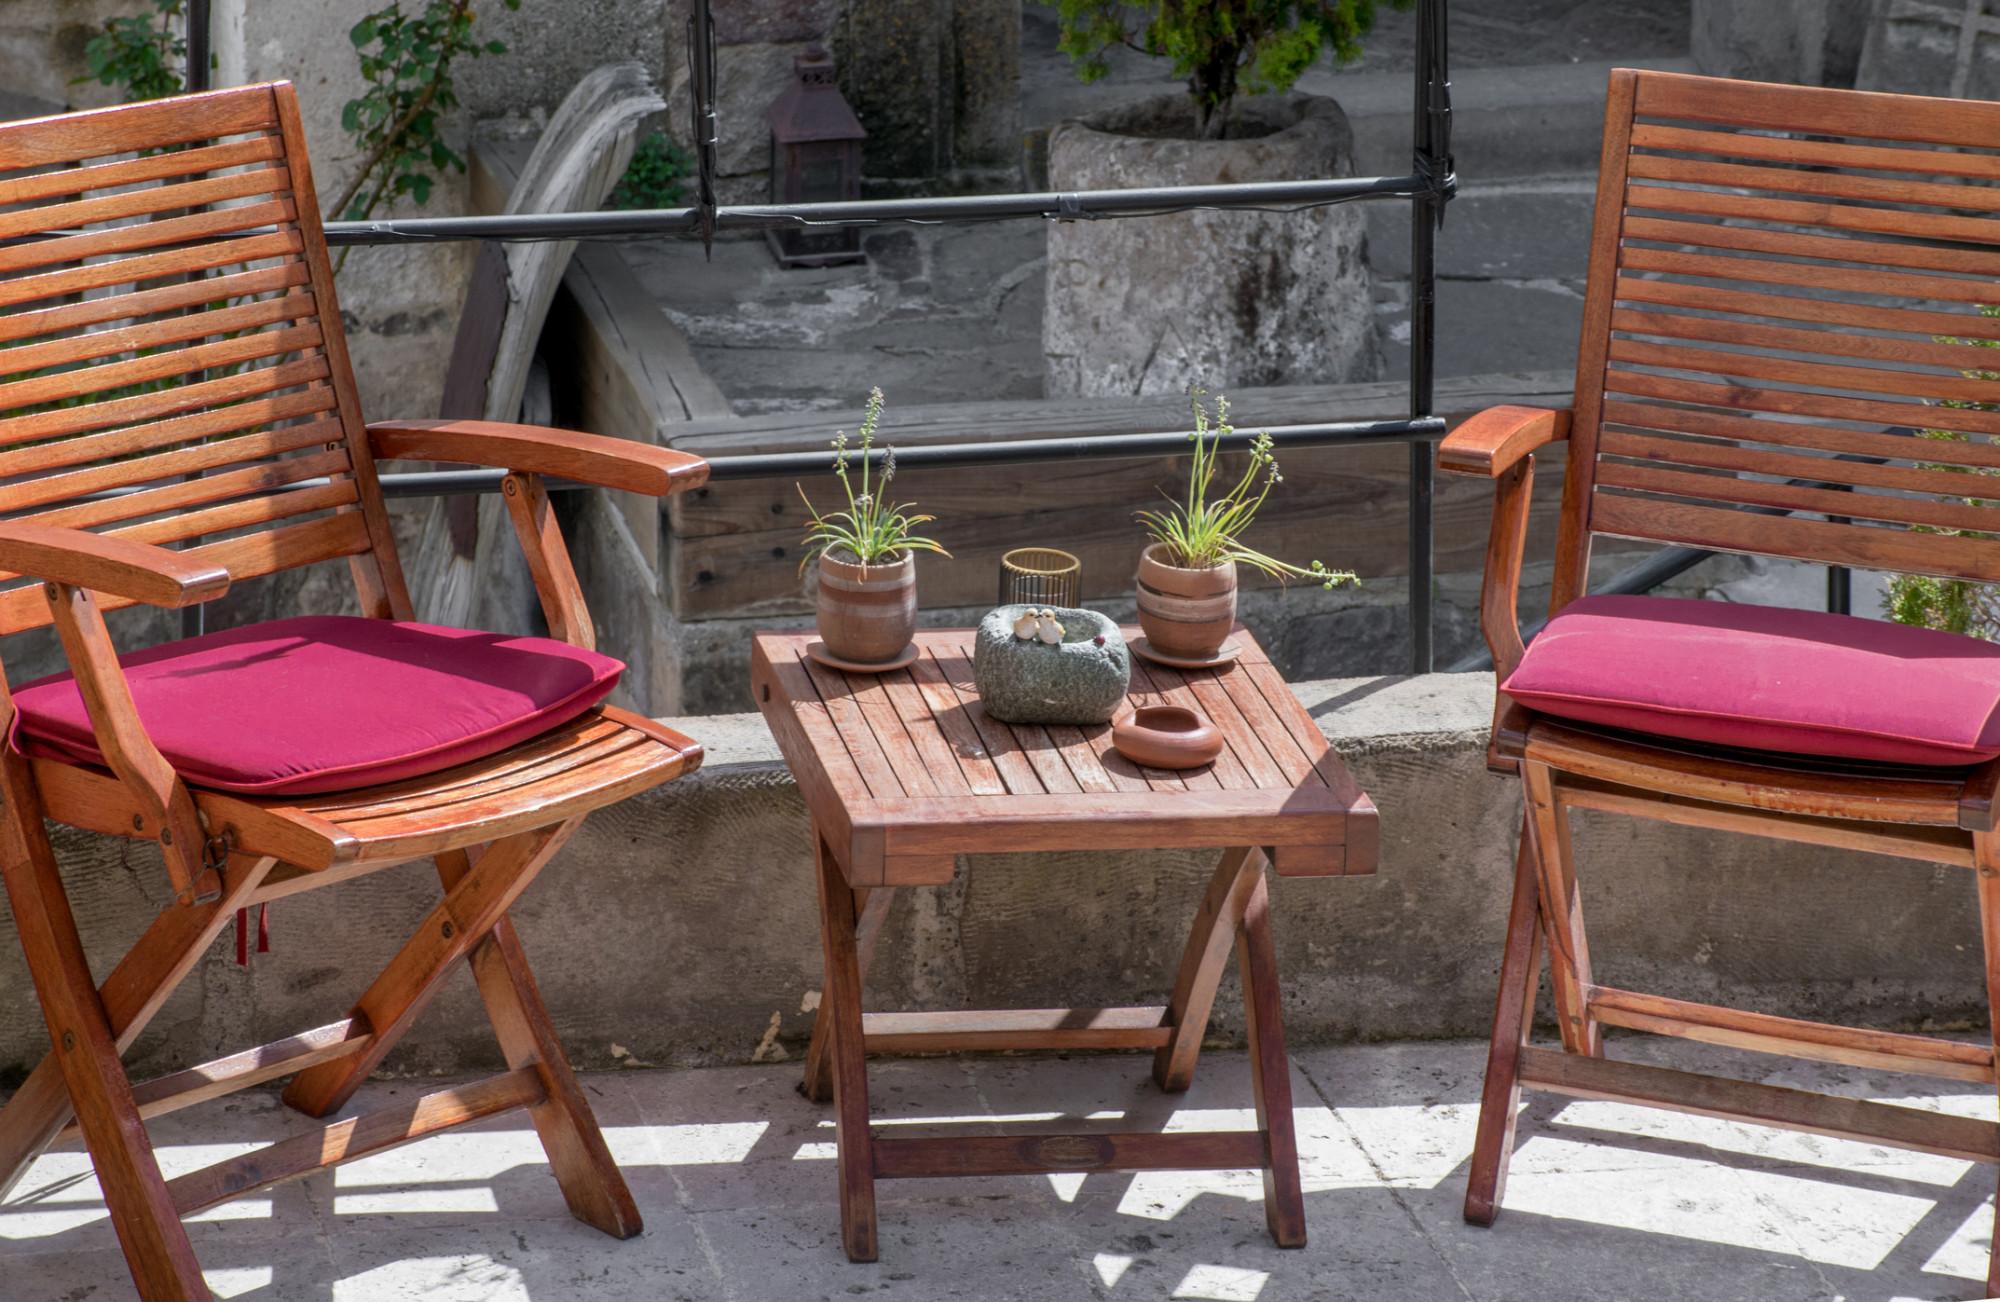 Skladací drevený záhradný nábytok s farebnými podsedákmi